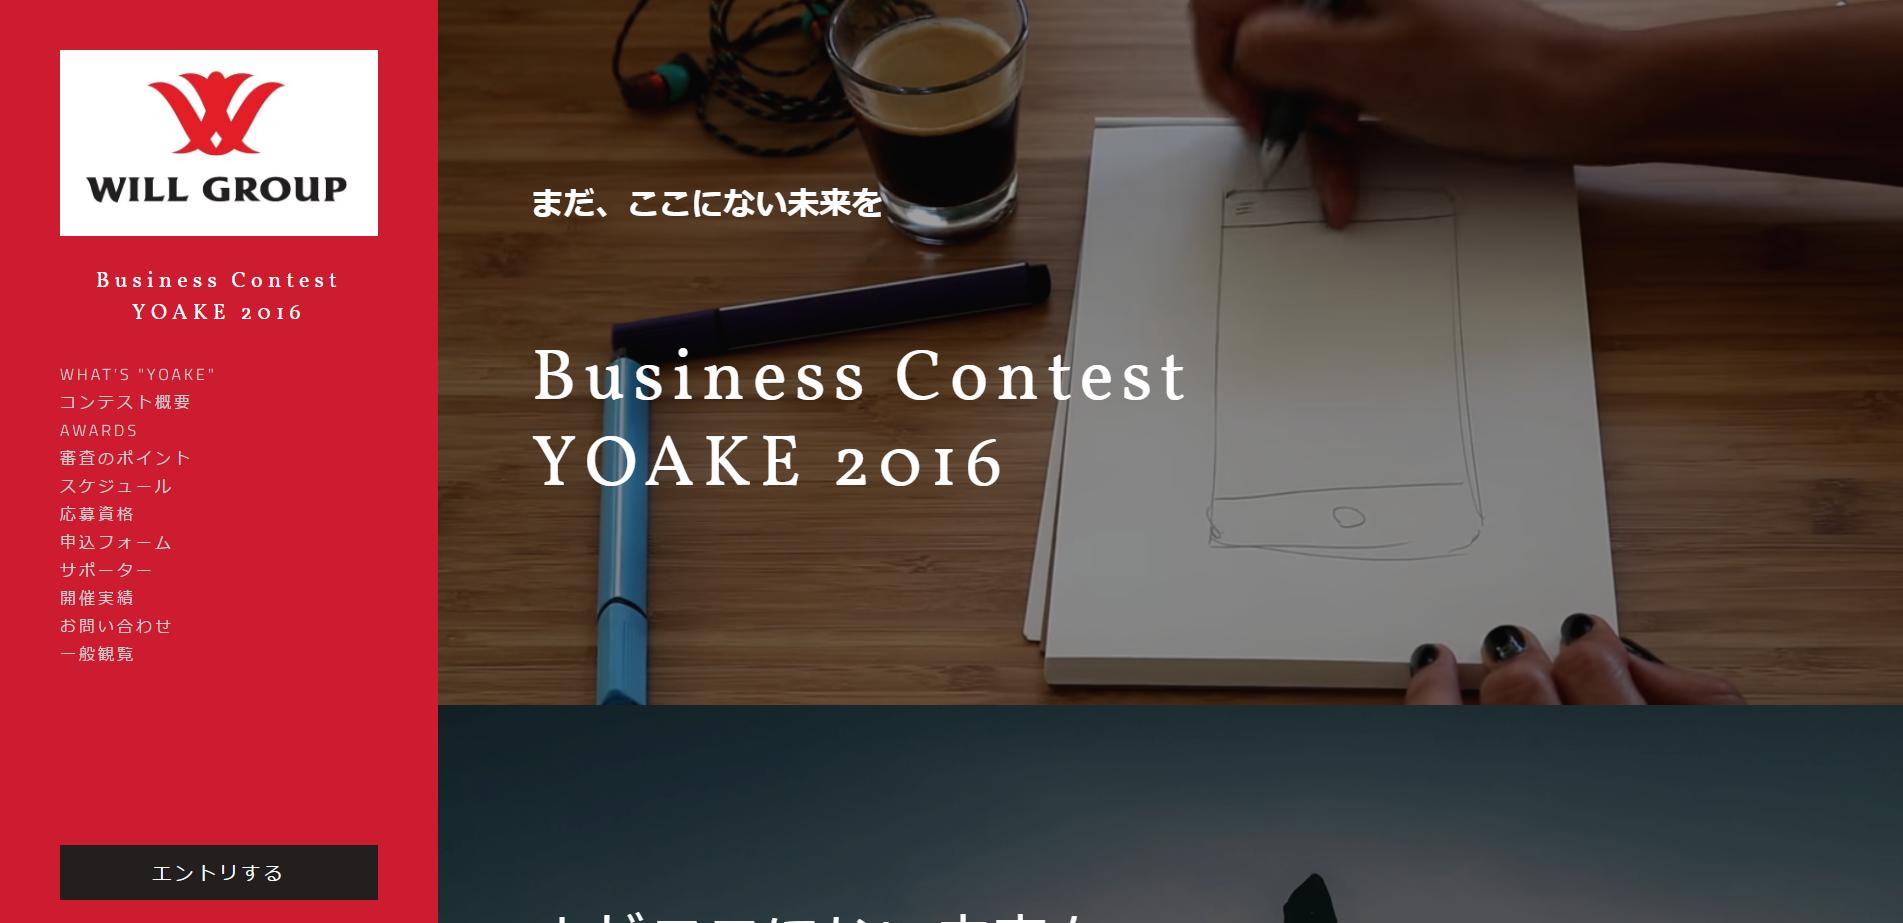 yoake2016-on-strikingly